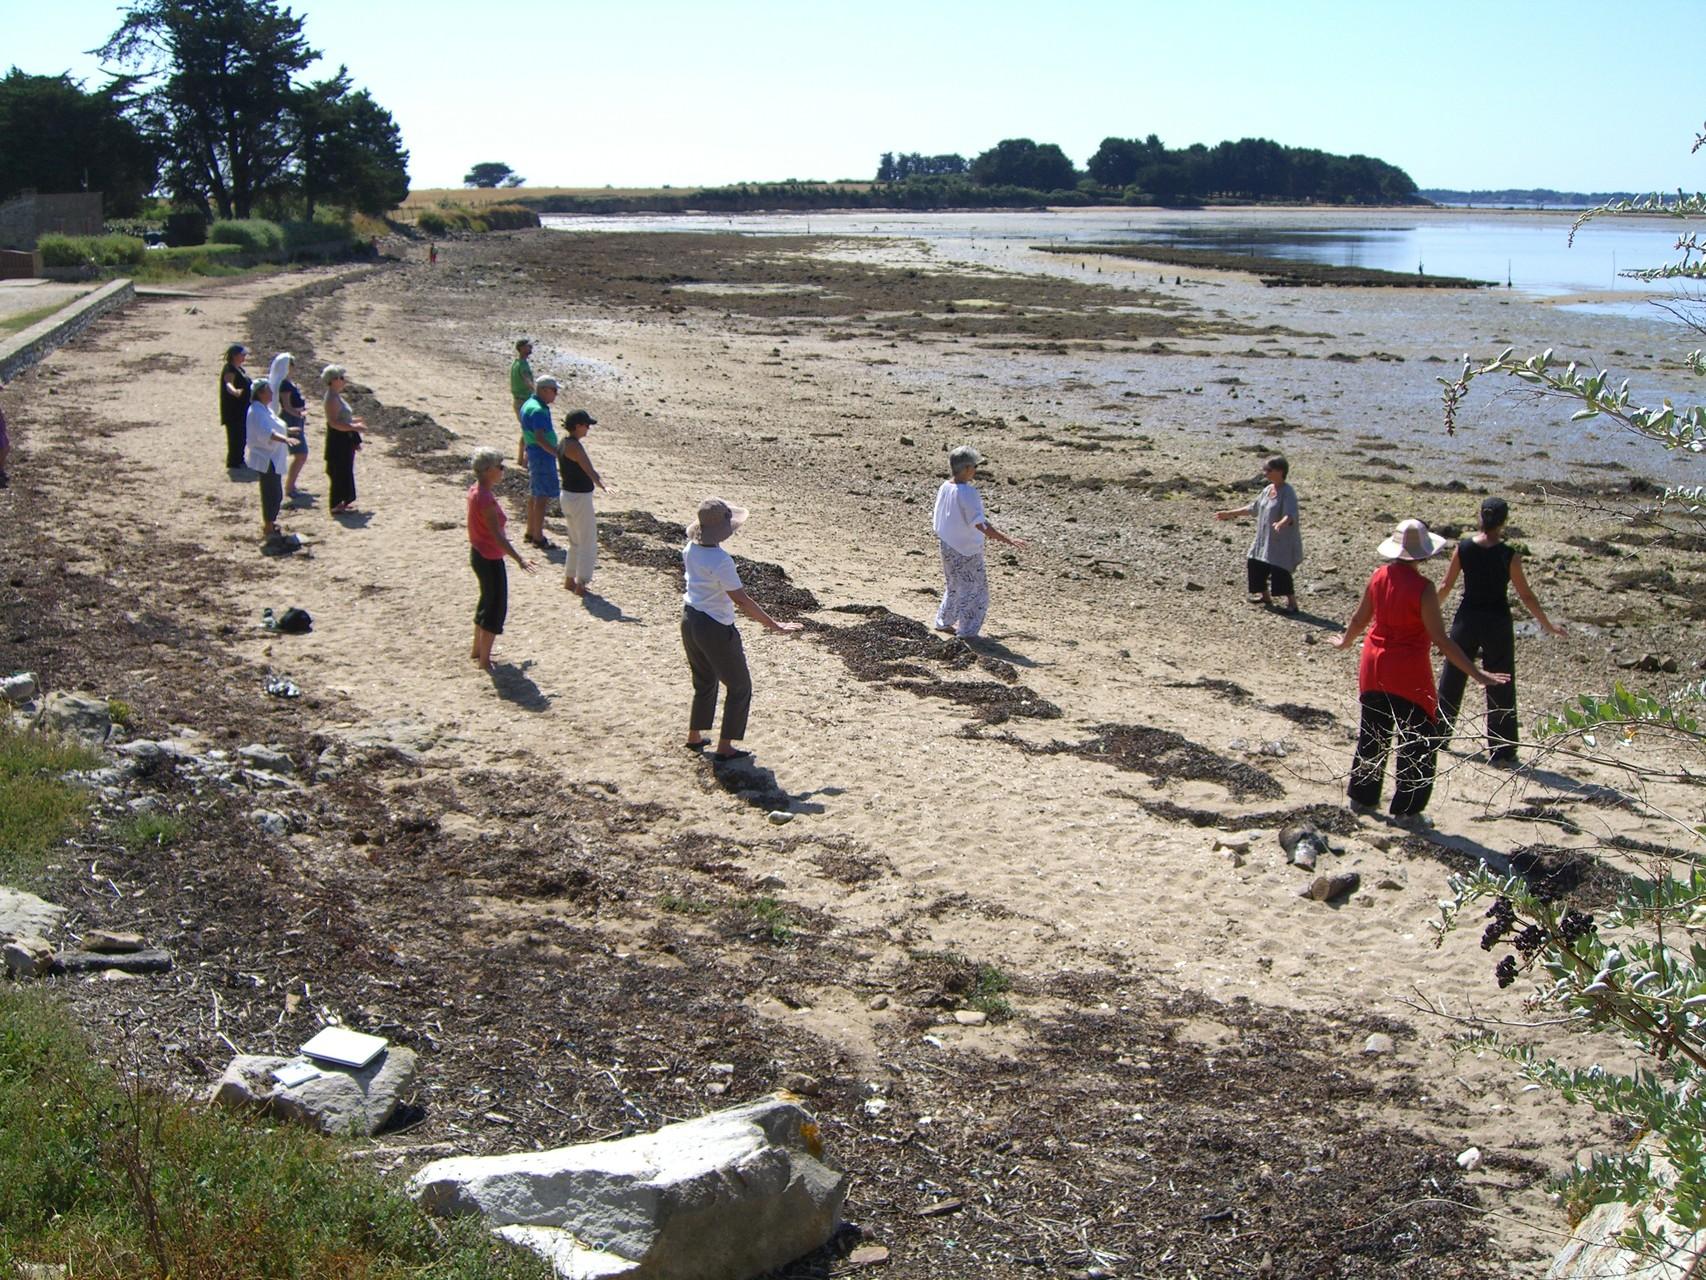 Pratique sur la plage du Mounien lors des journées sur l'île d'Arz